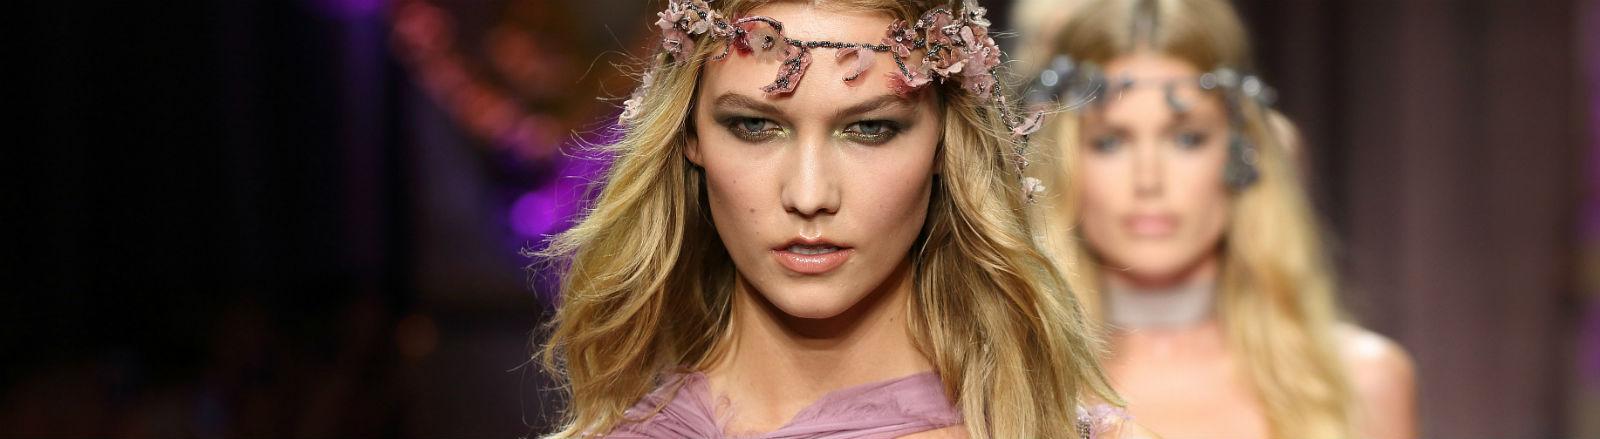 Ein Model mit einem Haarband und einem lilafarbenen Kleid.